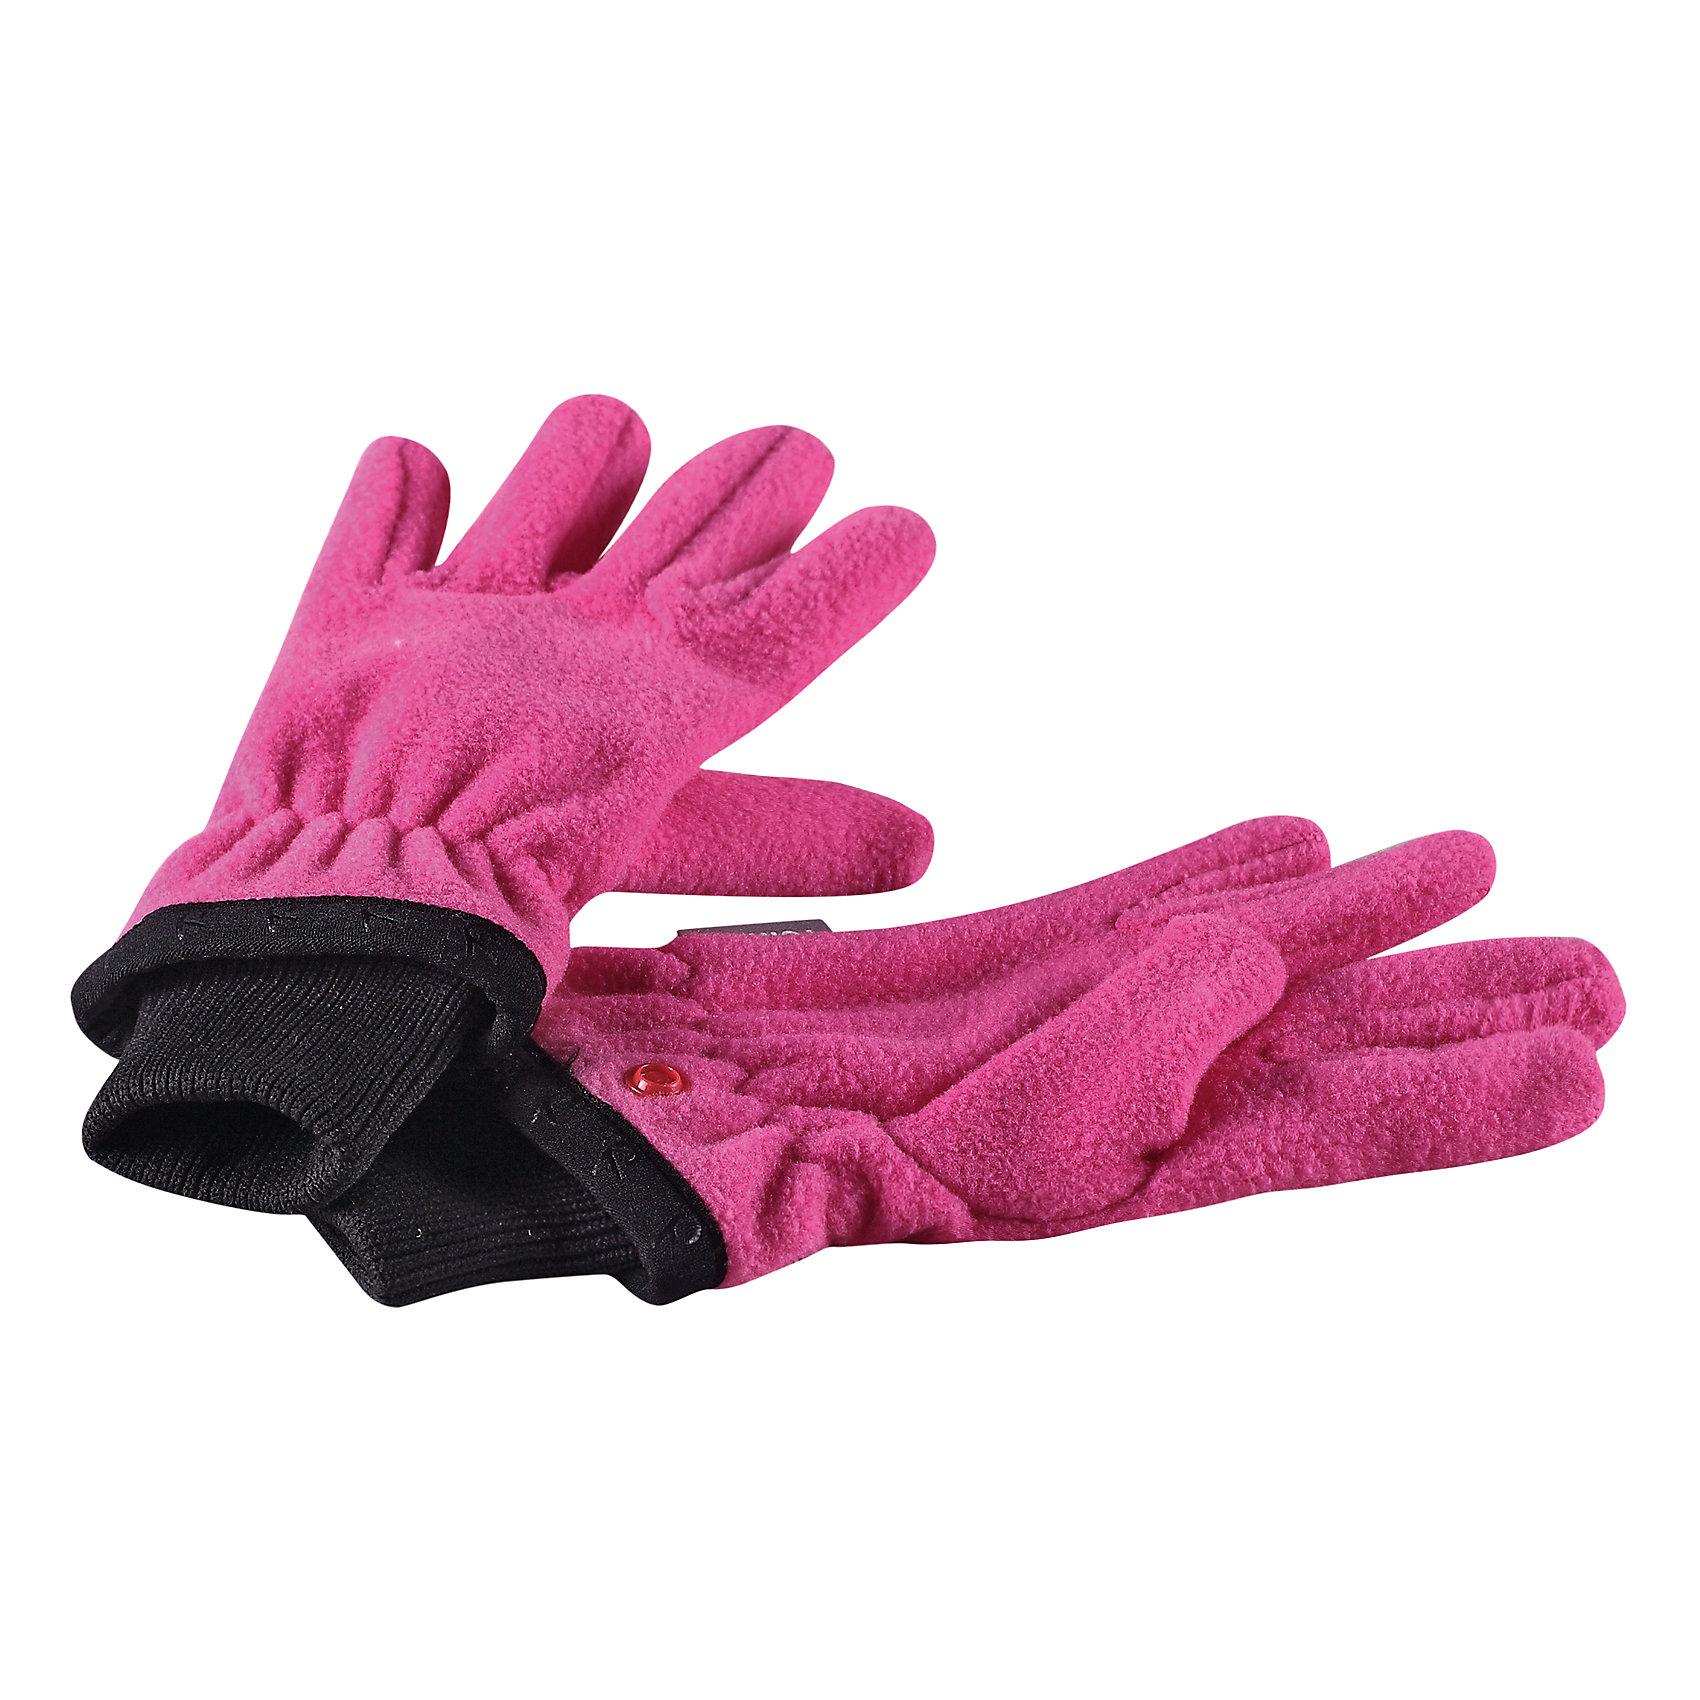 Перчатки Gloves ReimaПерчатки, варежки<br>Перчатки  Reima<br>Флисовые перчатки для детей. Теплый, легкий и быстросохнущий поларфлис. Легкий стиль, без подкладки. Логотип Reima® спереди.<br>Уход:<br>Стирать по отдельности. Полоскать без специального средства. Сушить при низкой температуре. <br>Состав:<br>100% Полиэстер<br><br>Ширина мм: 162<br>Глубина мм: 171<br>Высота мм: 55<br>Вес г: 119<br>Цвет: розовый<br>Возраст от месяцев: 144<br>Возраст до месяцев: 168<br>Пол: Женский<br>Возраст: Детский<br>Размер: 8,3,4,5,6,7<br>SKU: 4779662